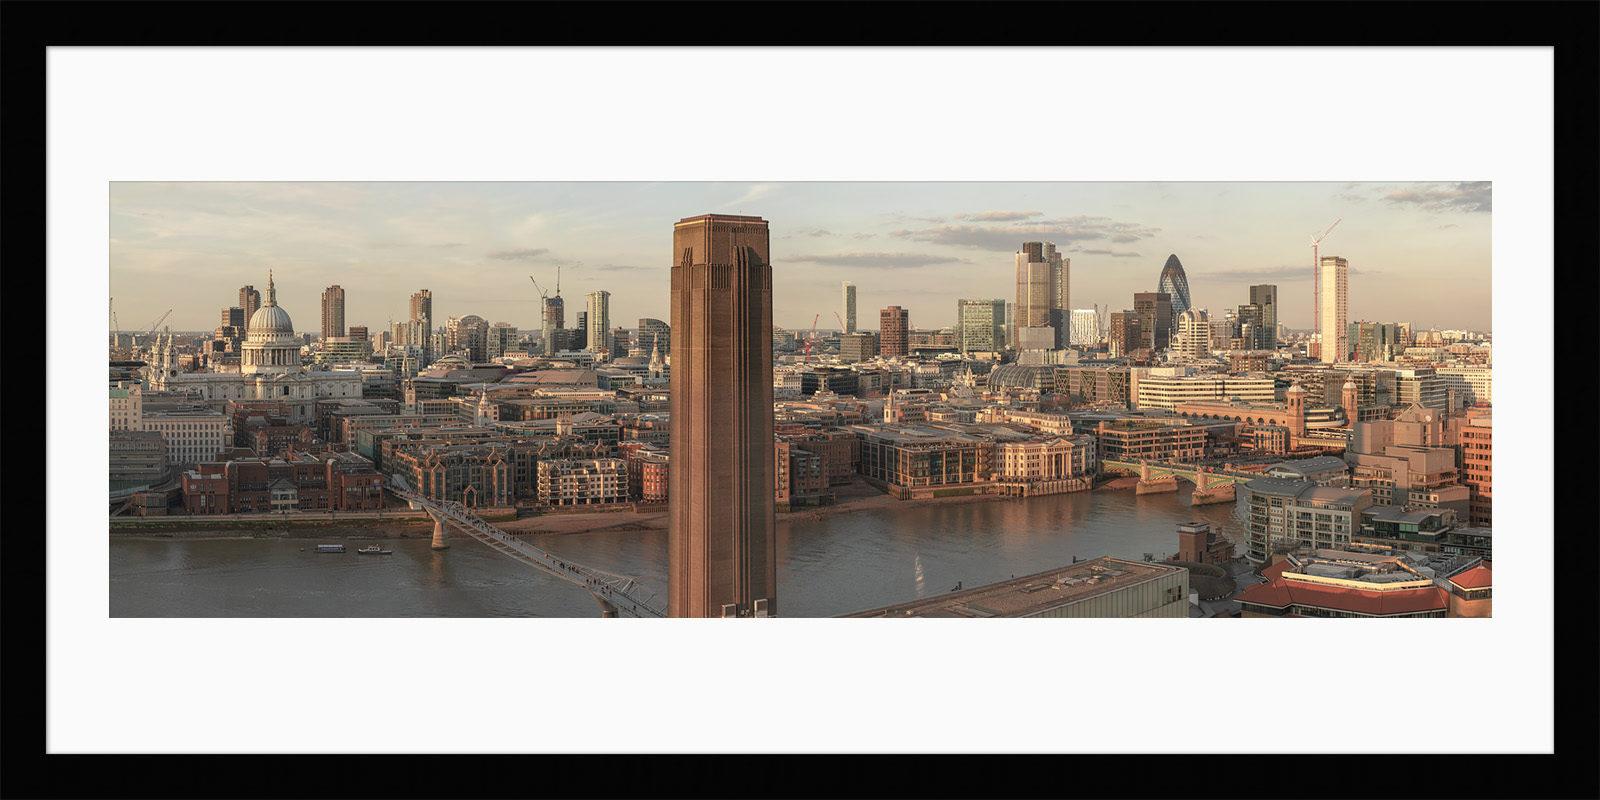 London Stilled - Framed London Fine Art Print